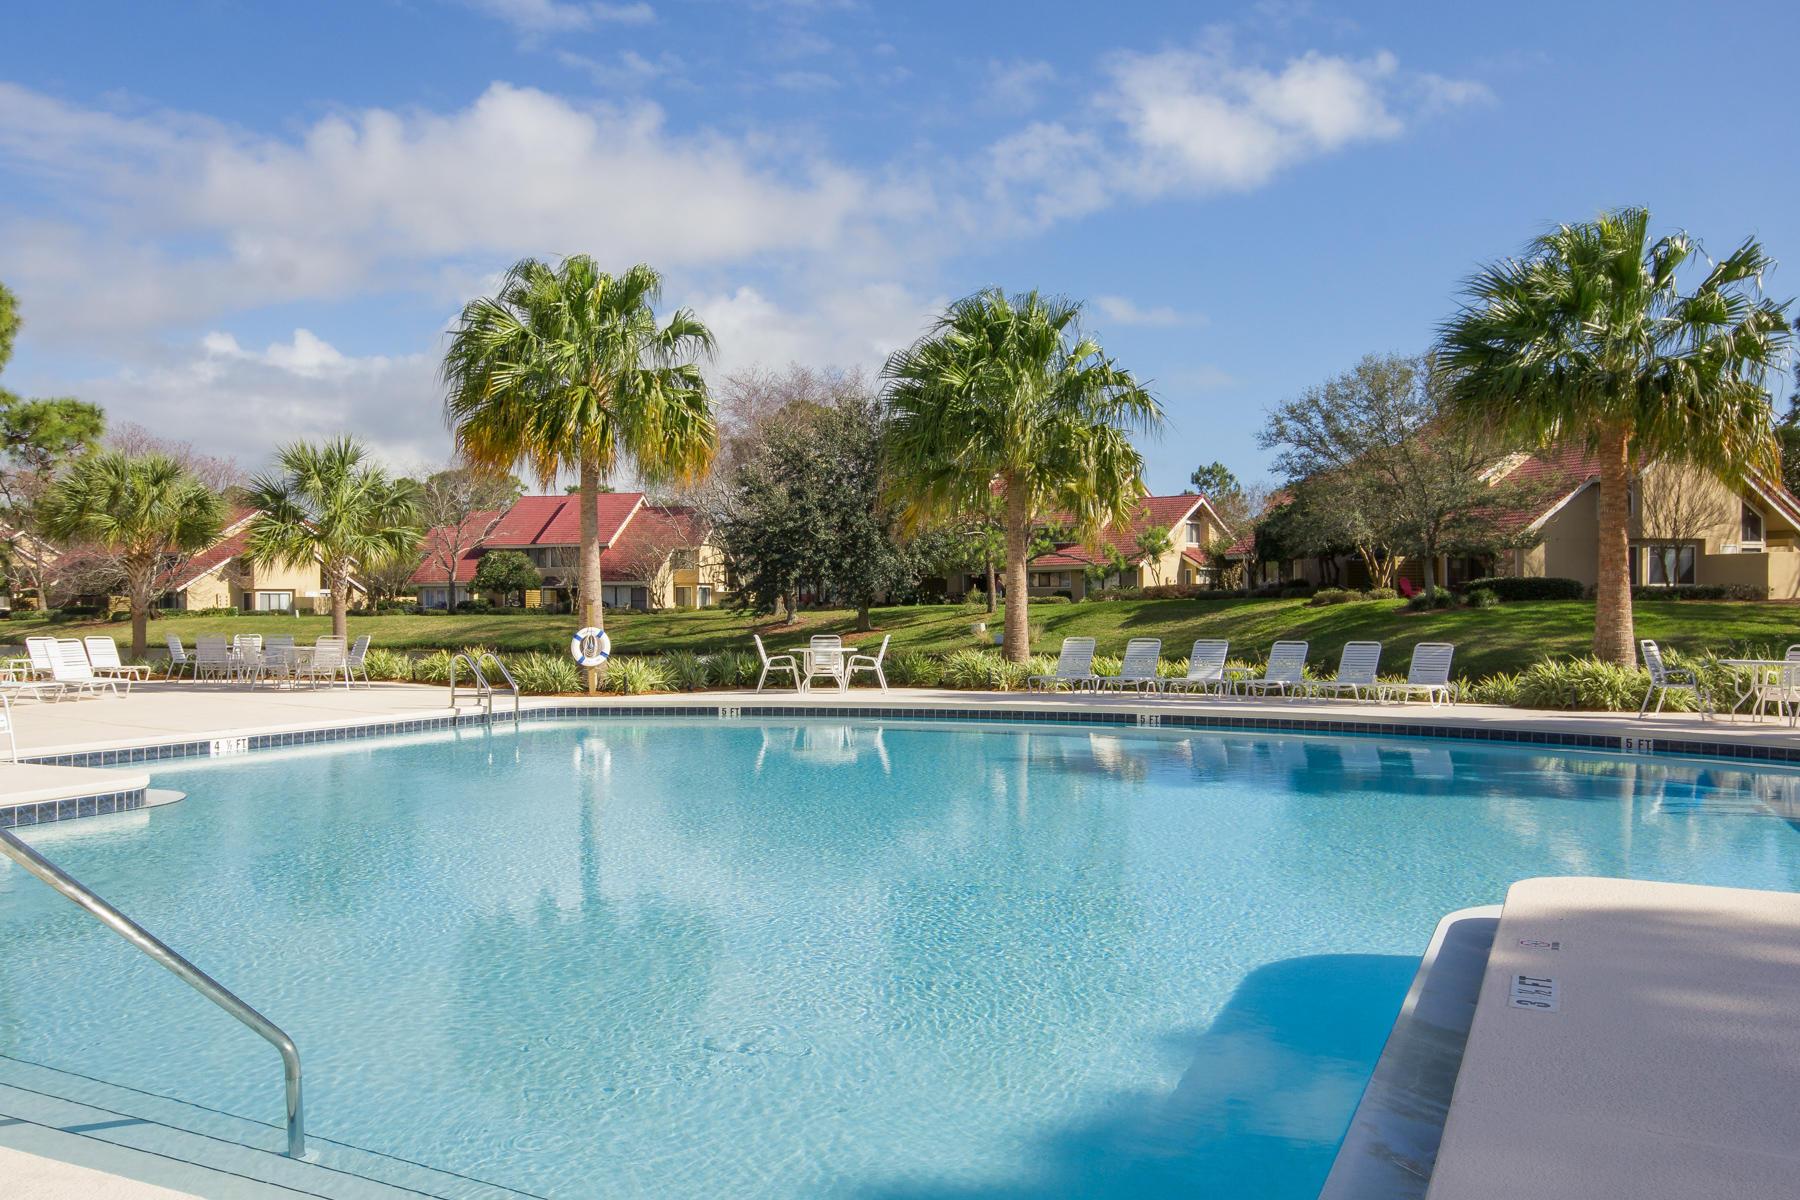 Photo of home for sale at 5125 Beachwalk, Miramar Beach FL